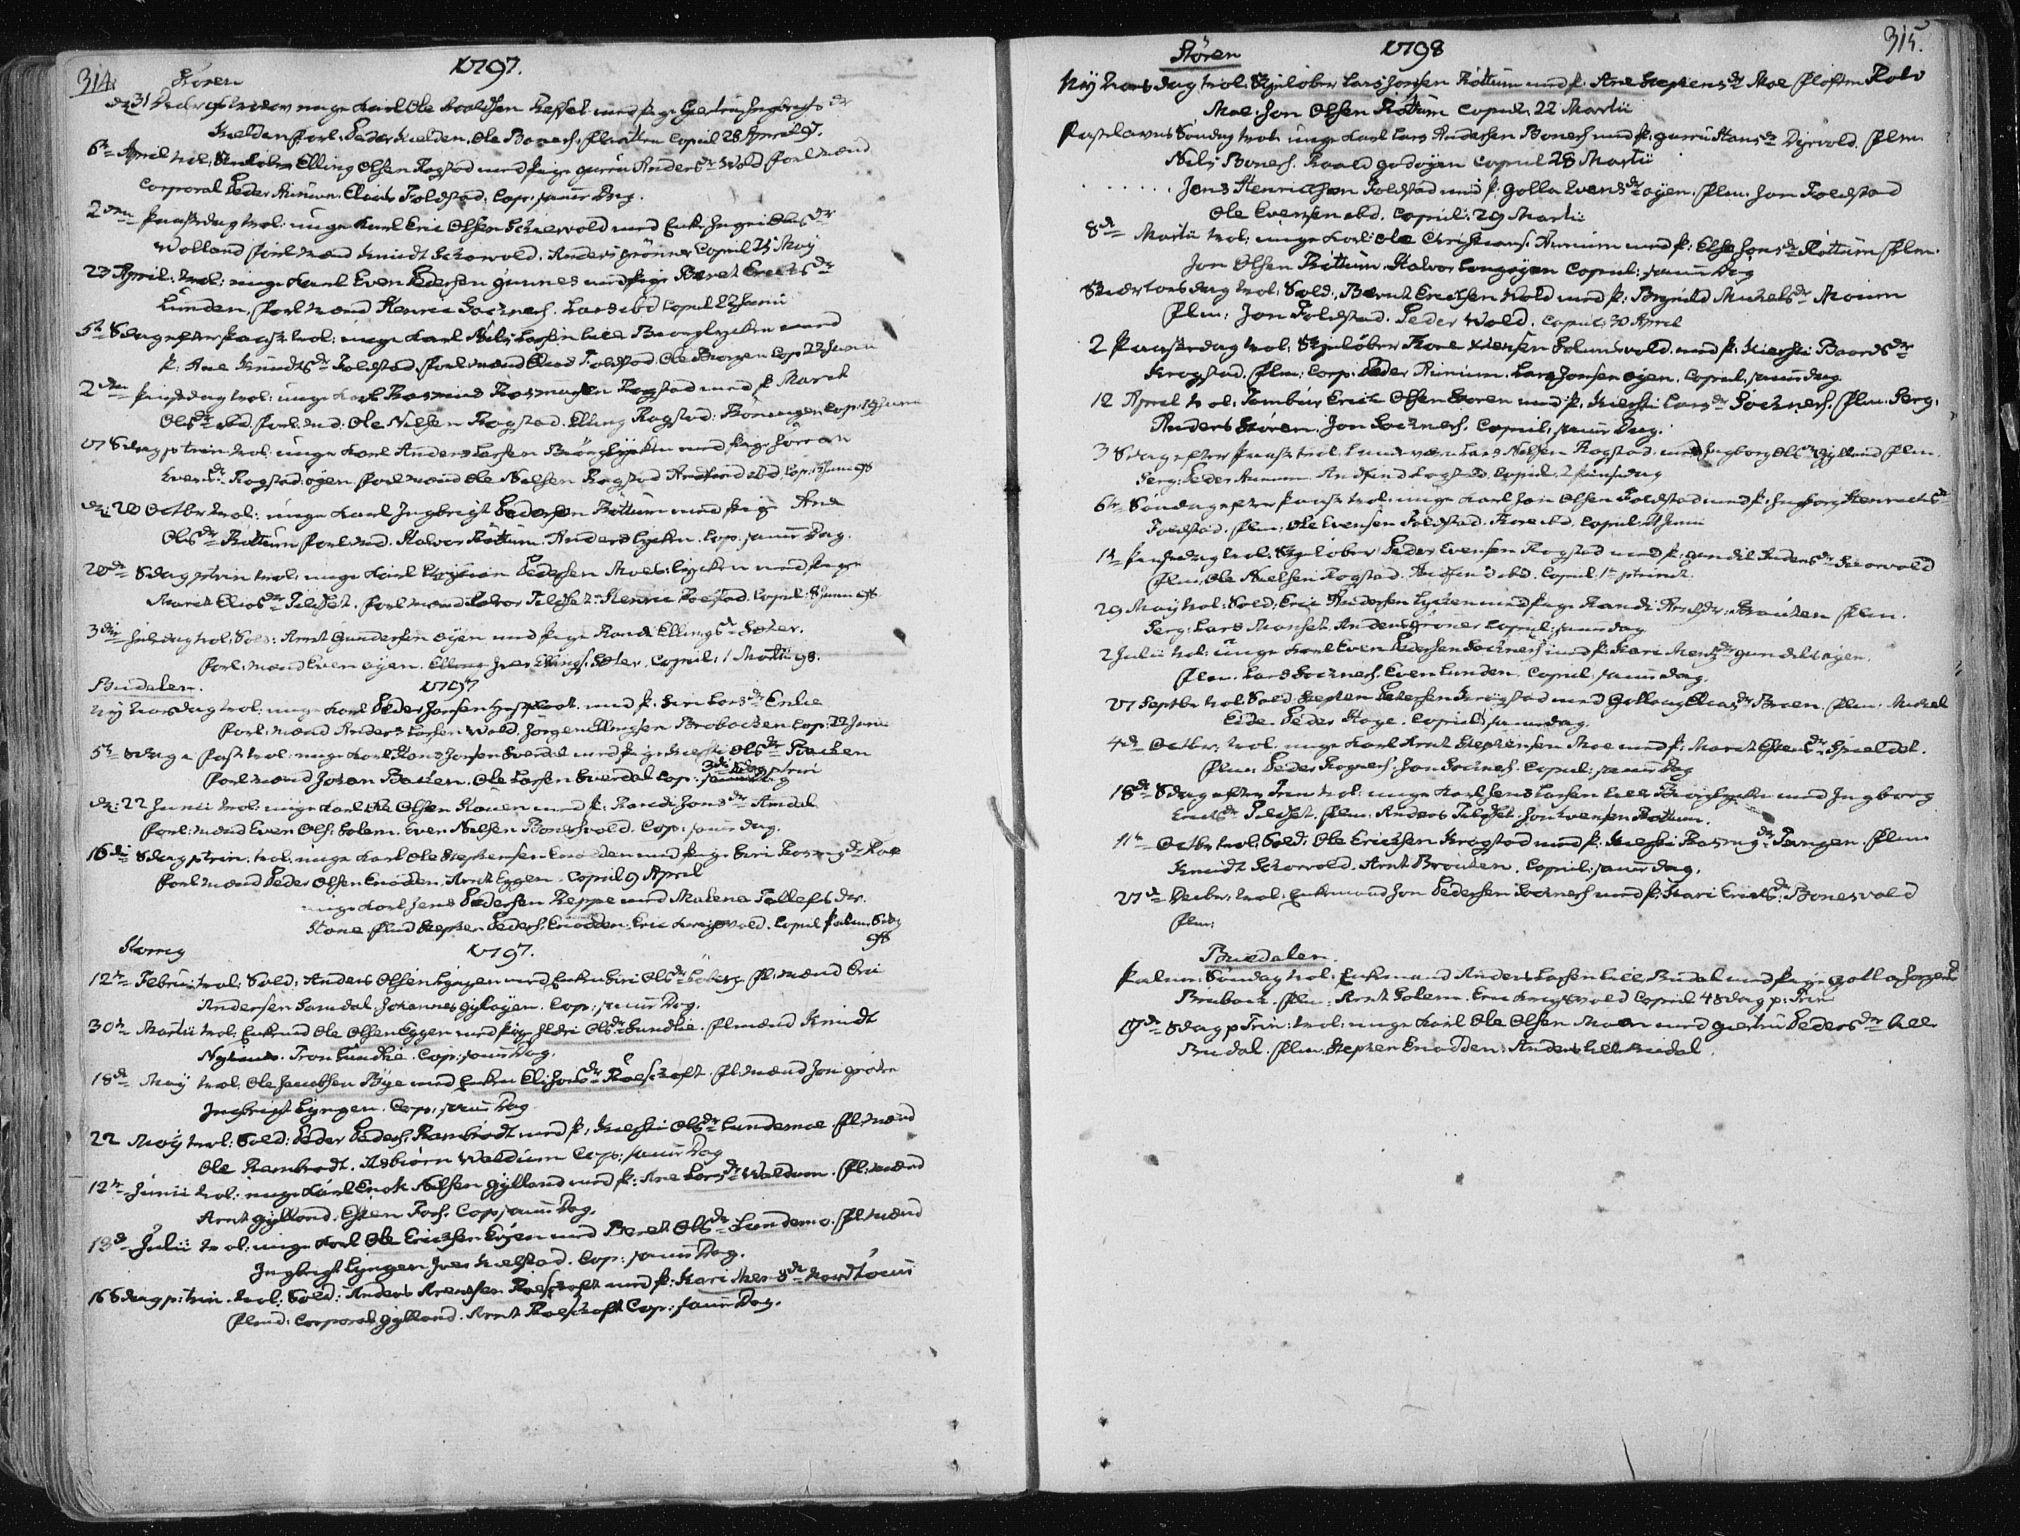 SAT, Ministerialprotokoller, klokkerbøker og fødselsregistre - Sør-Trøndelag, 687/L0992: Ministerialbok nr. 687A03 /1, 1788-1815, s. 314-315